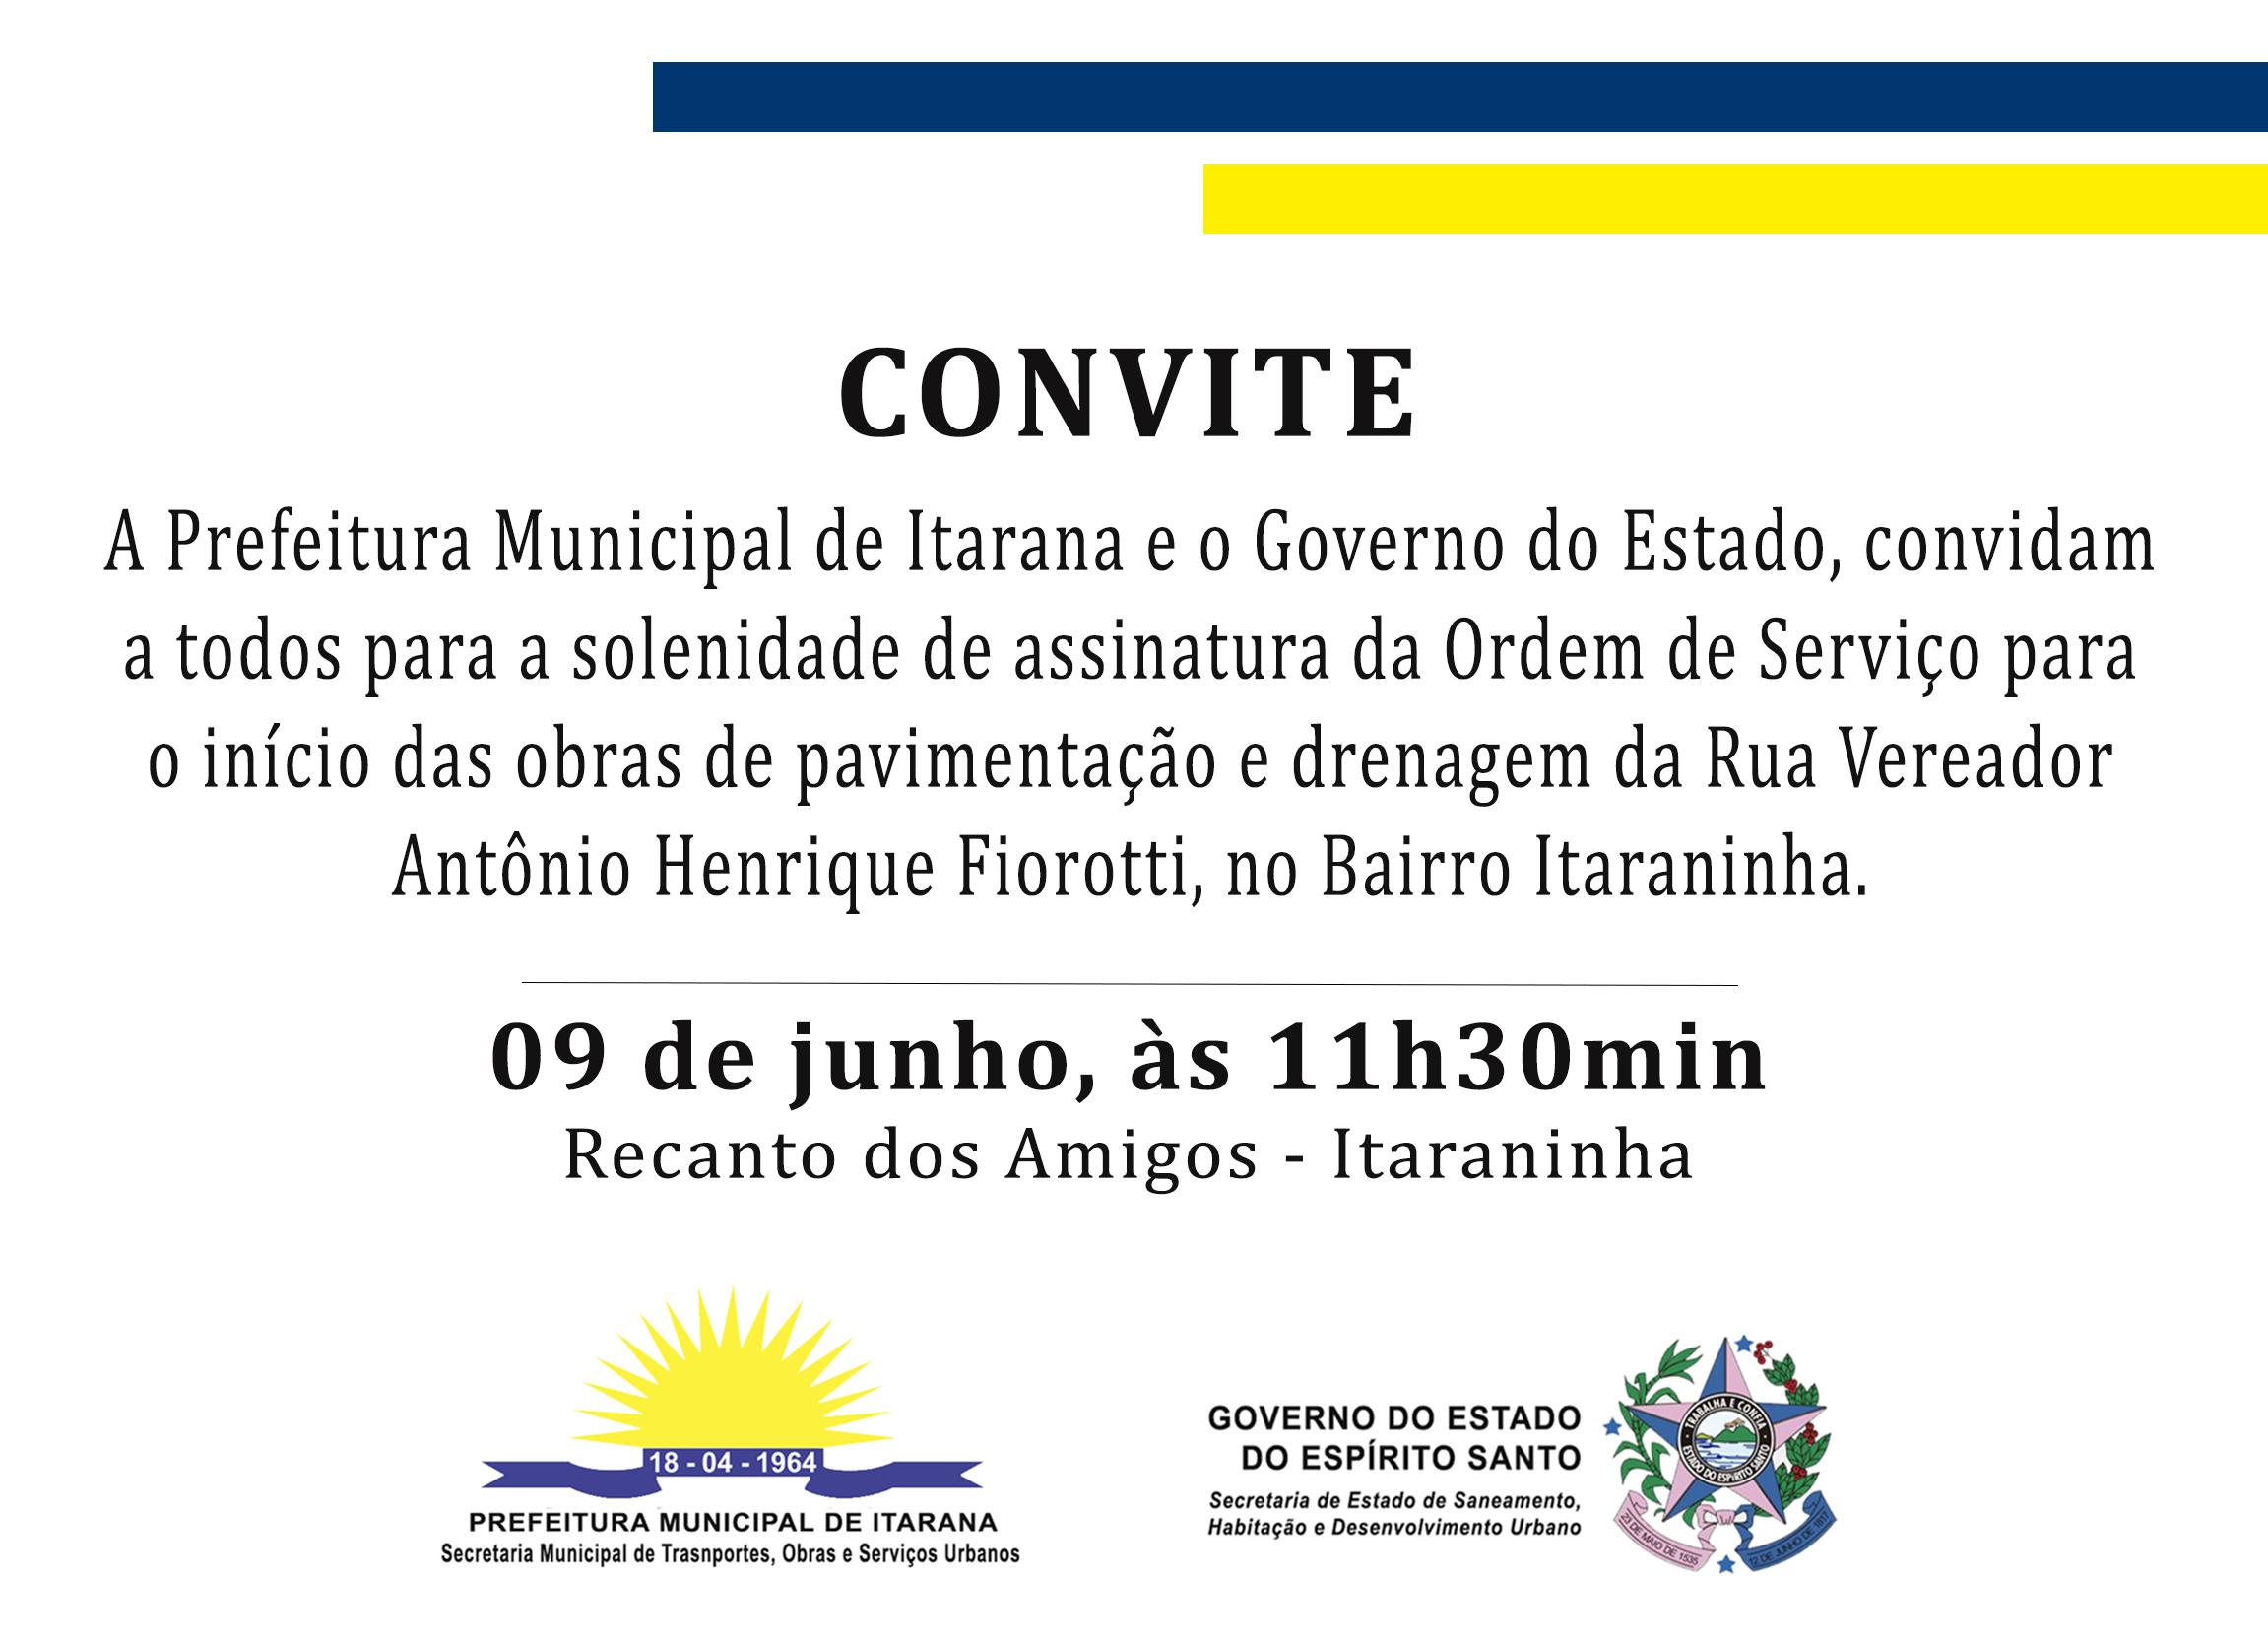 Convite: assinatura da Ordem de Serviço para pavimentação em uma rua do Bairro Itaraninha